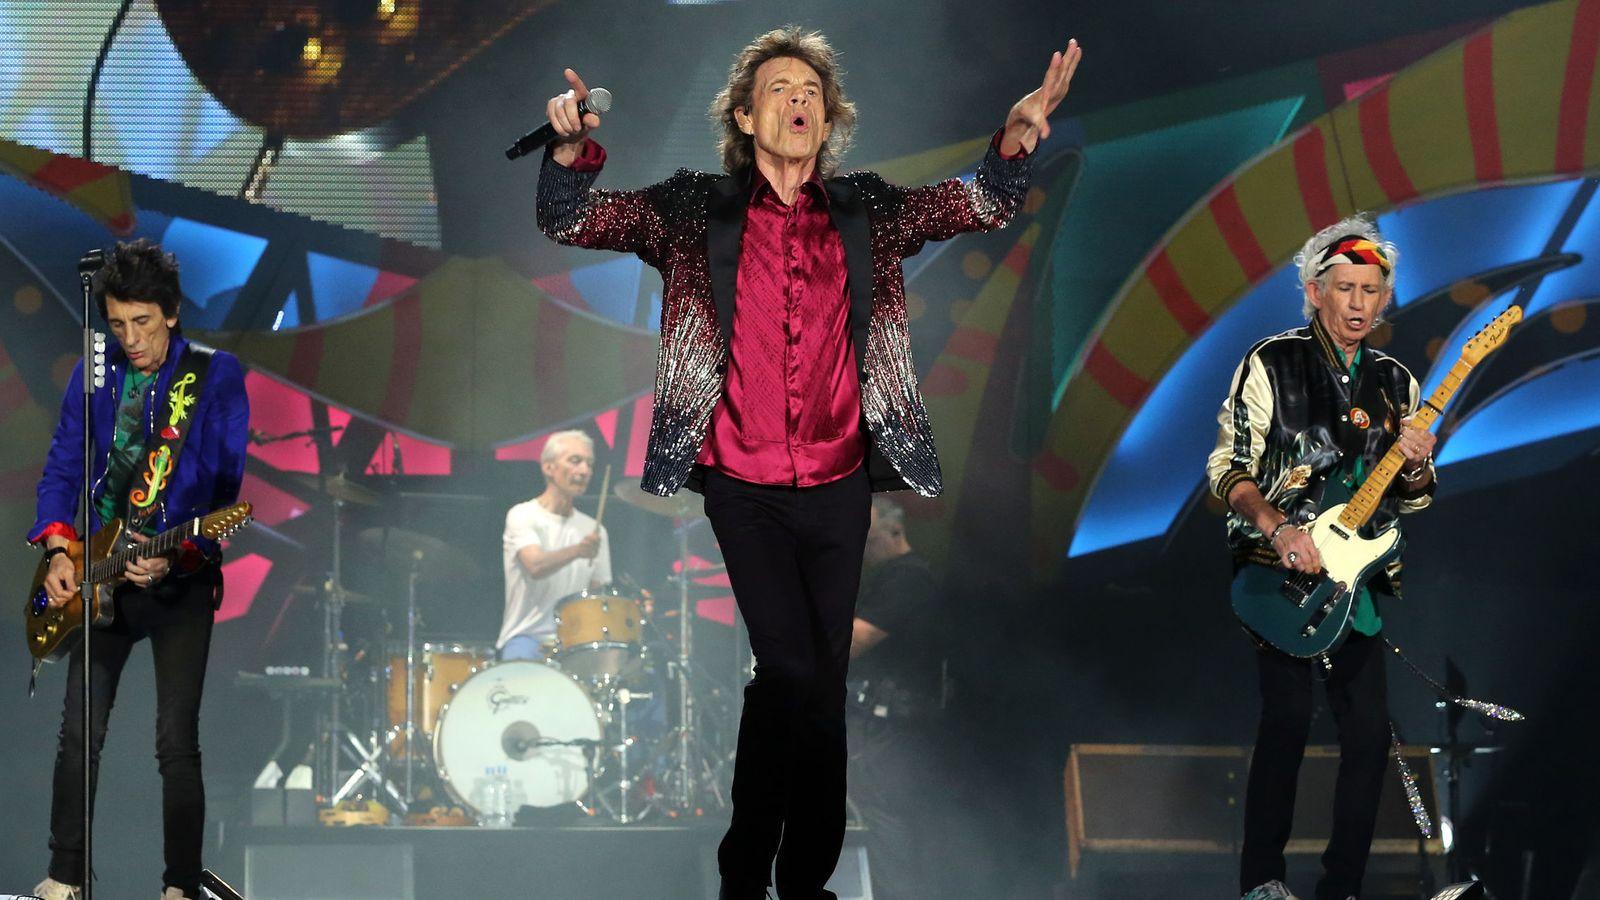 Foto: Los Rolling Stones en el concierto que dieron en marzo en Cuba (Efe)